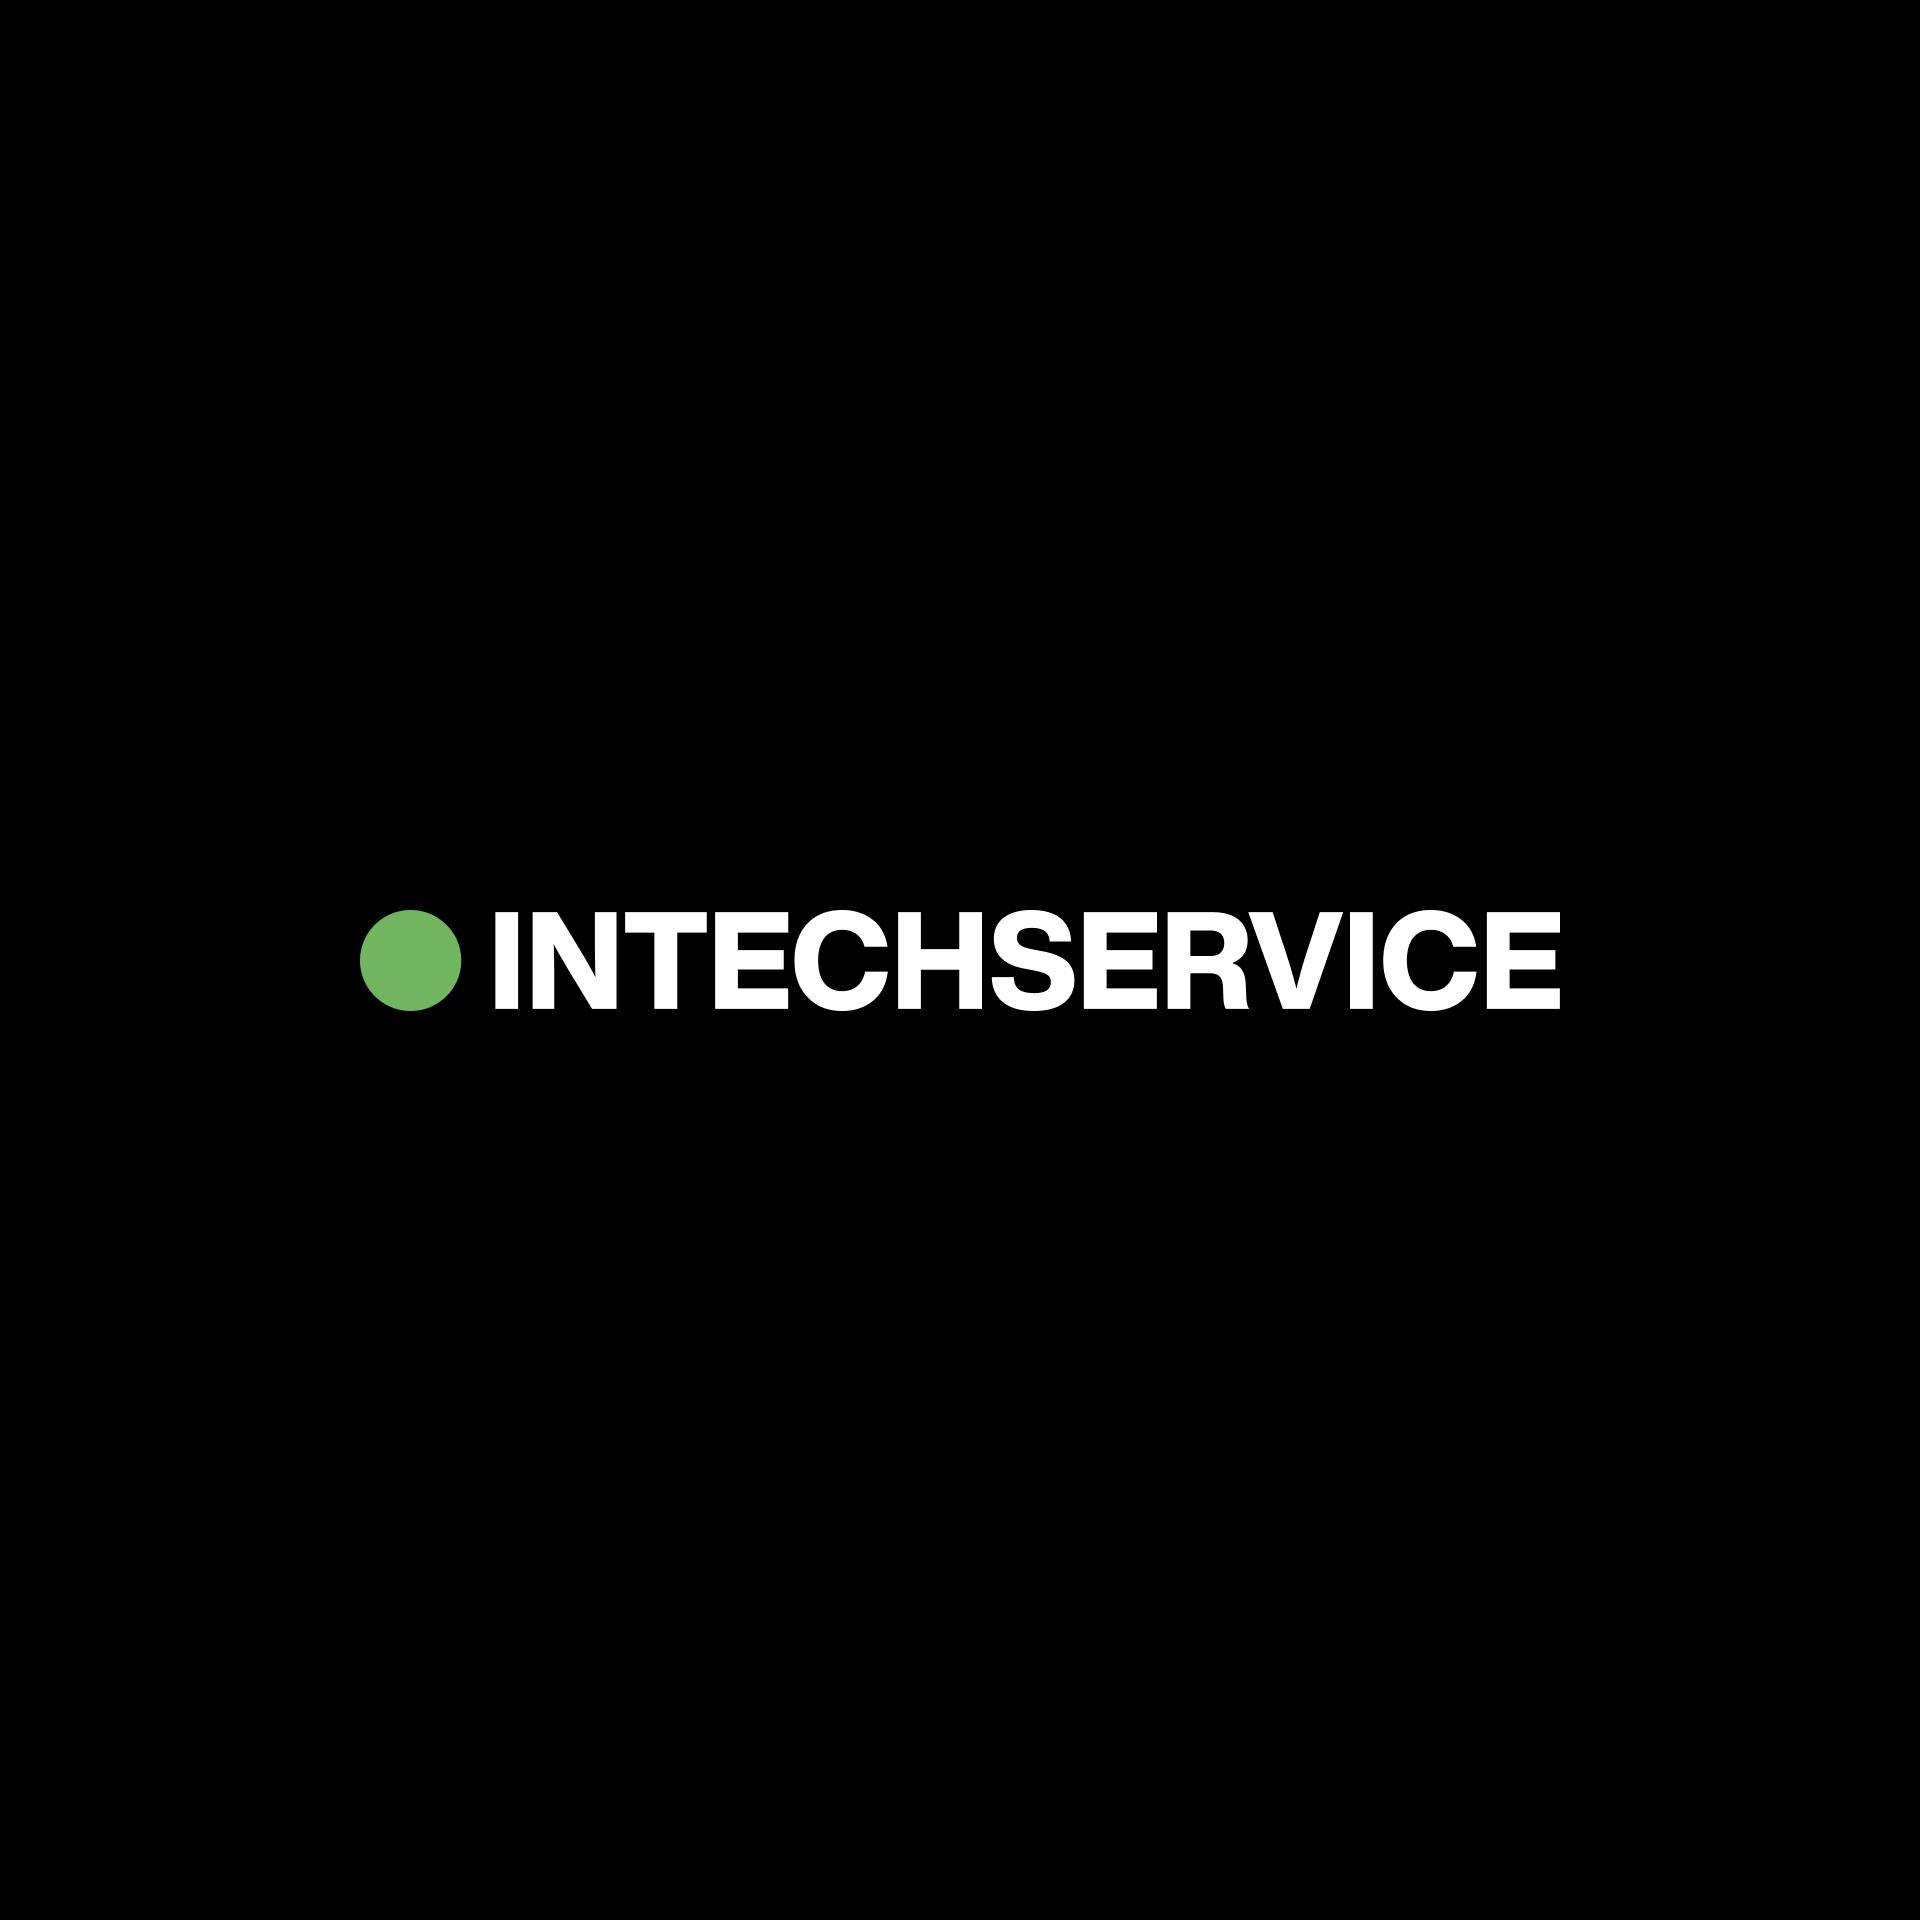 IK-Intechservice